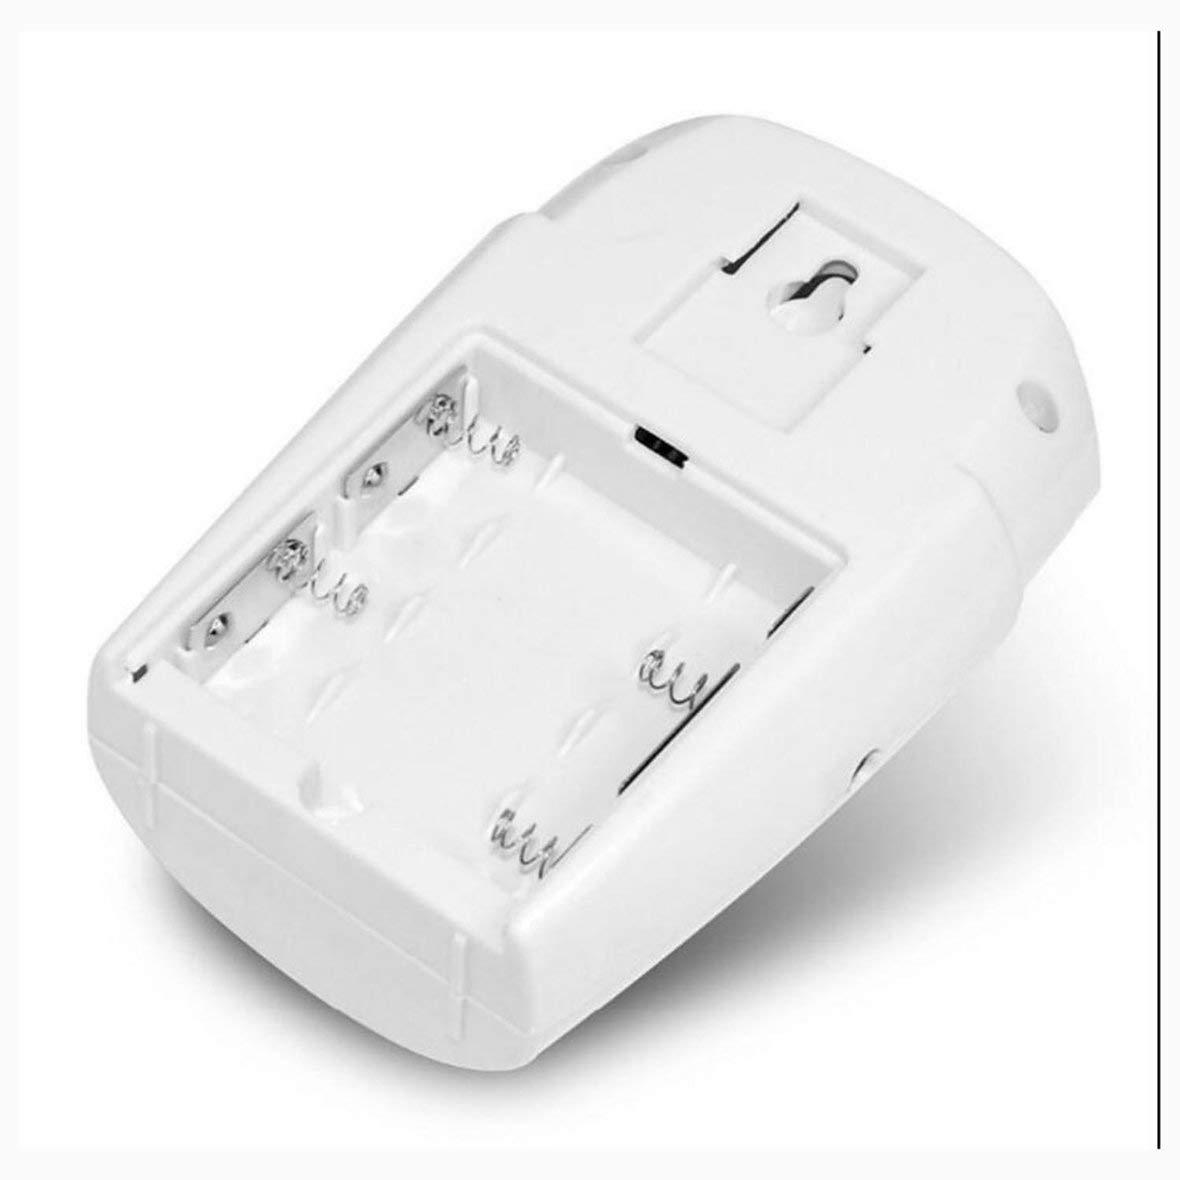 Heaviesk PIR Sensor de Movimiento Alarma Inalámbrico Garaje doméstico Caravan 2 Controles remotos Seguridad PIR Detectores de Movimiento para caravanas en ...